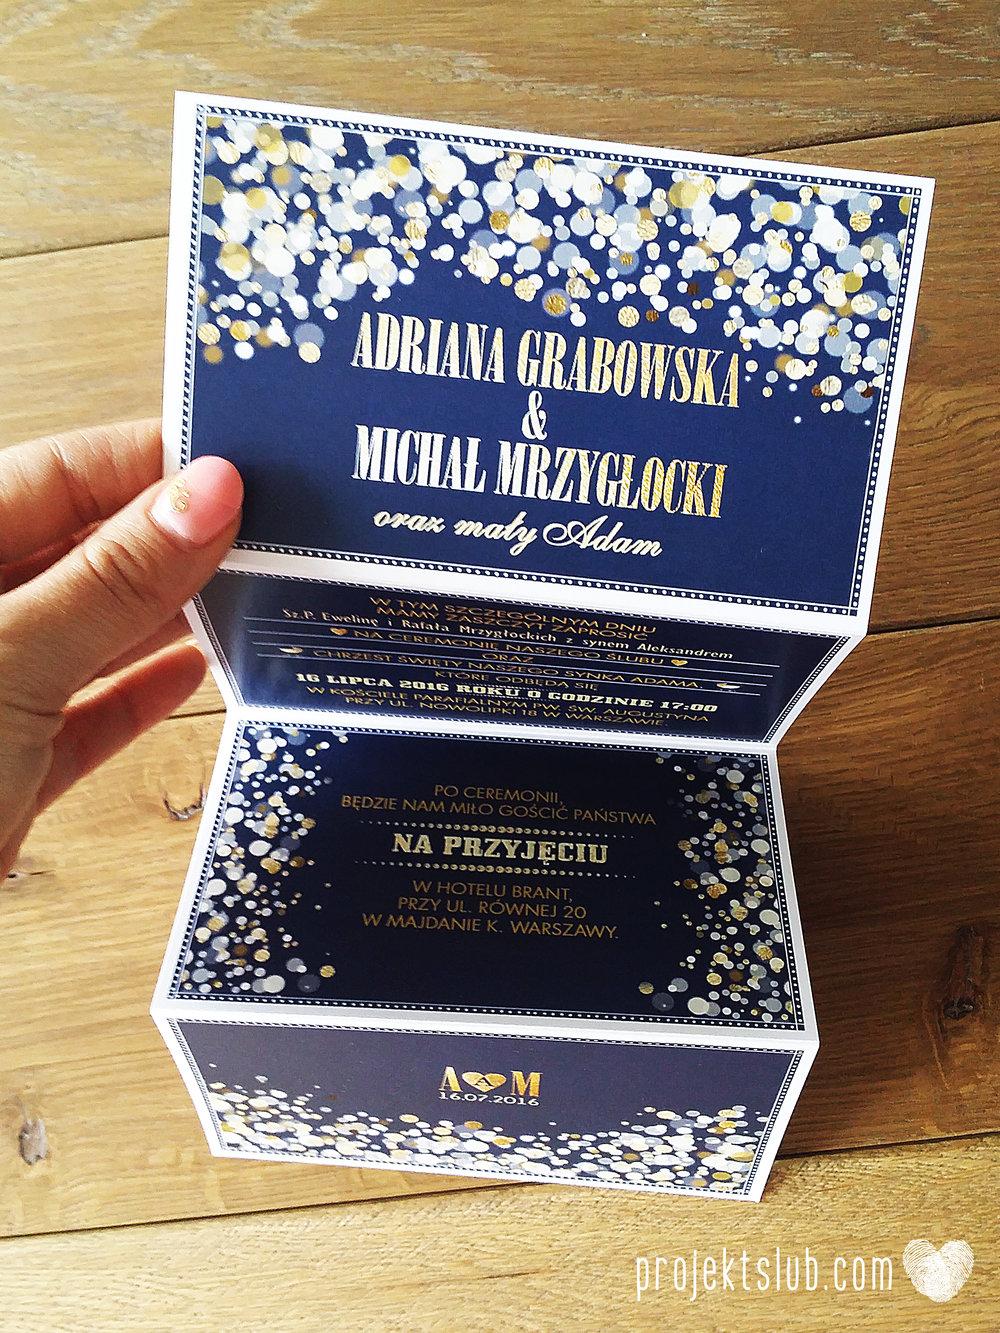 Zaproszenia na ślub i chrzciny projekt indywidualny granatowe elegancka papeteria harmonijka konfetti glamour Projekt Ślub logo .jpg